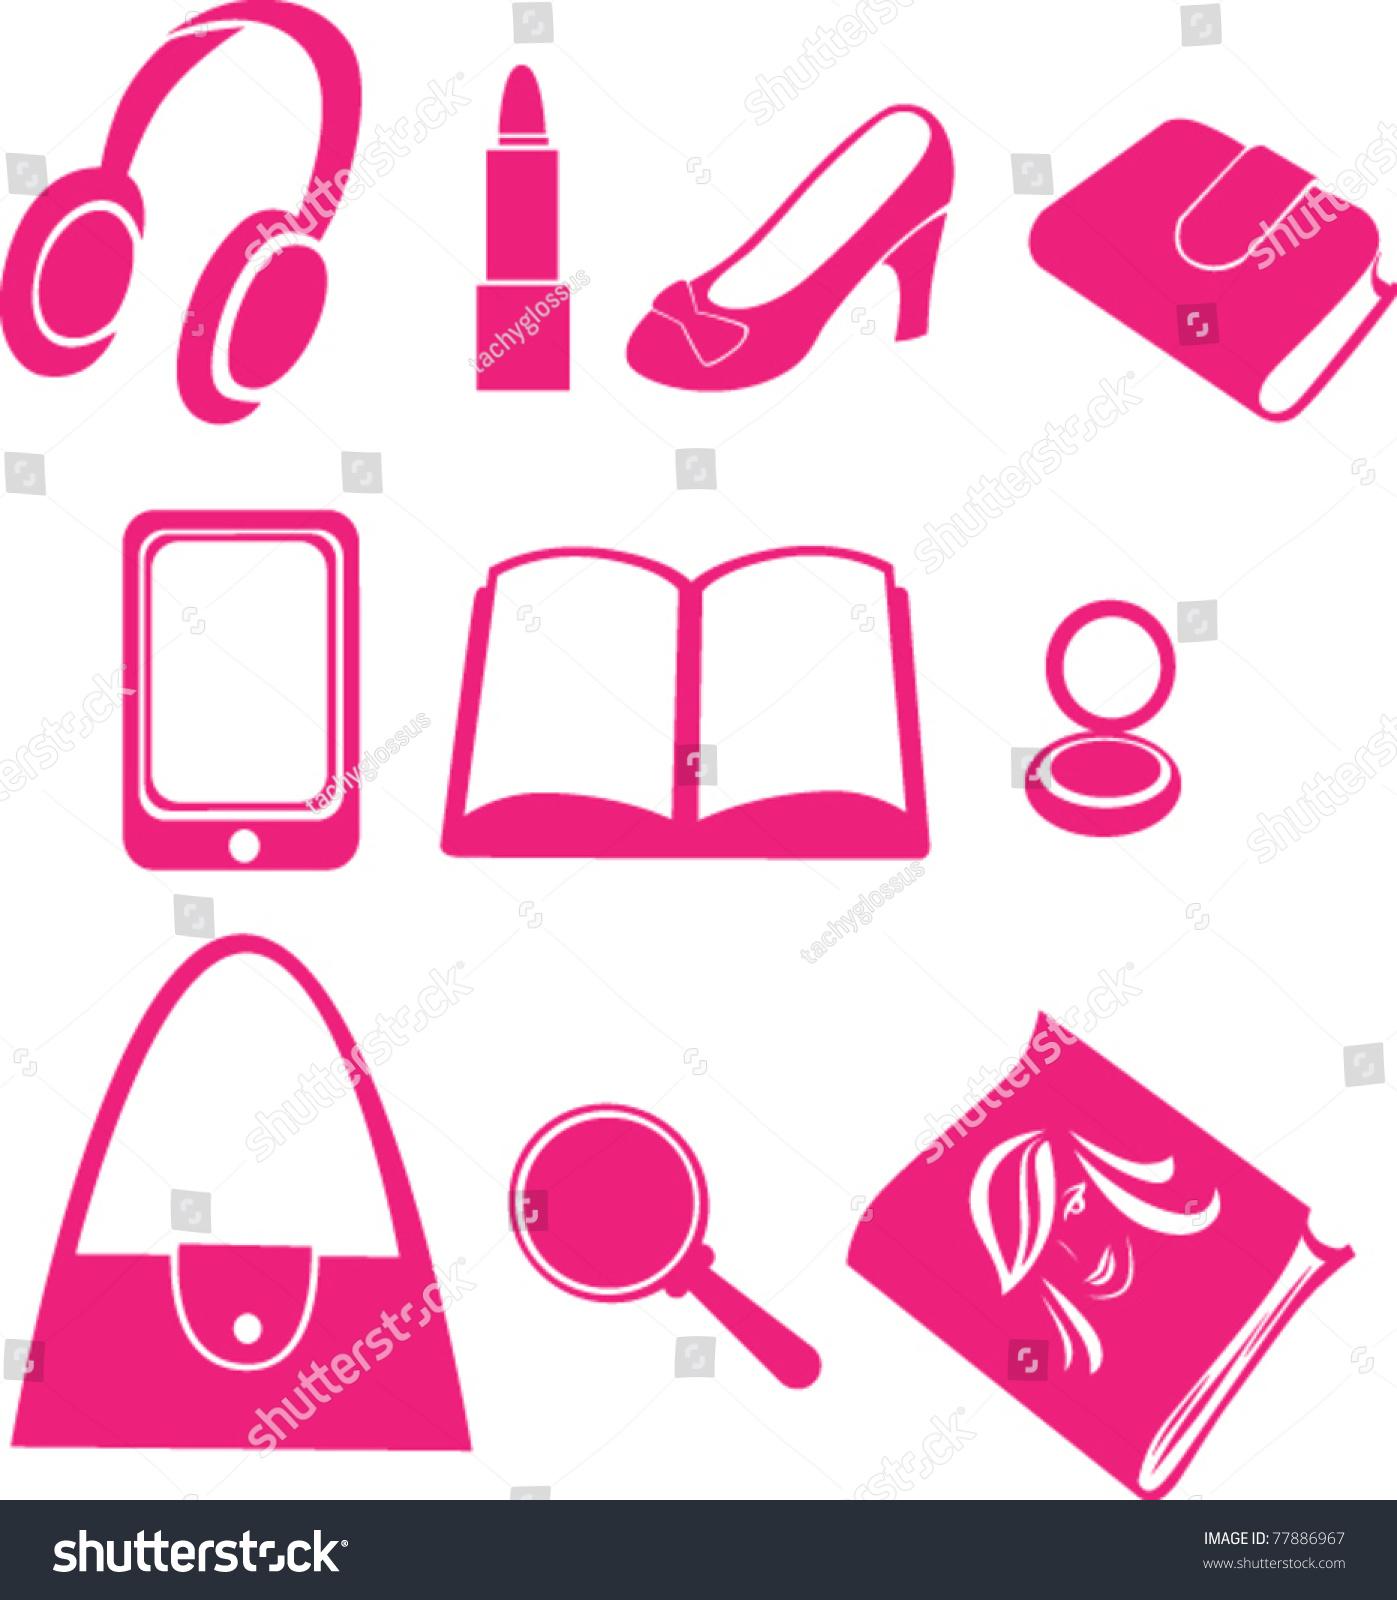 包装 包装设计 购物纸袋 设计 矢量 矢量图 素材 纸袋 1397_1600